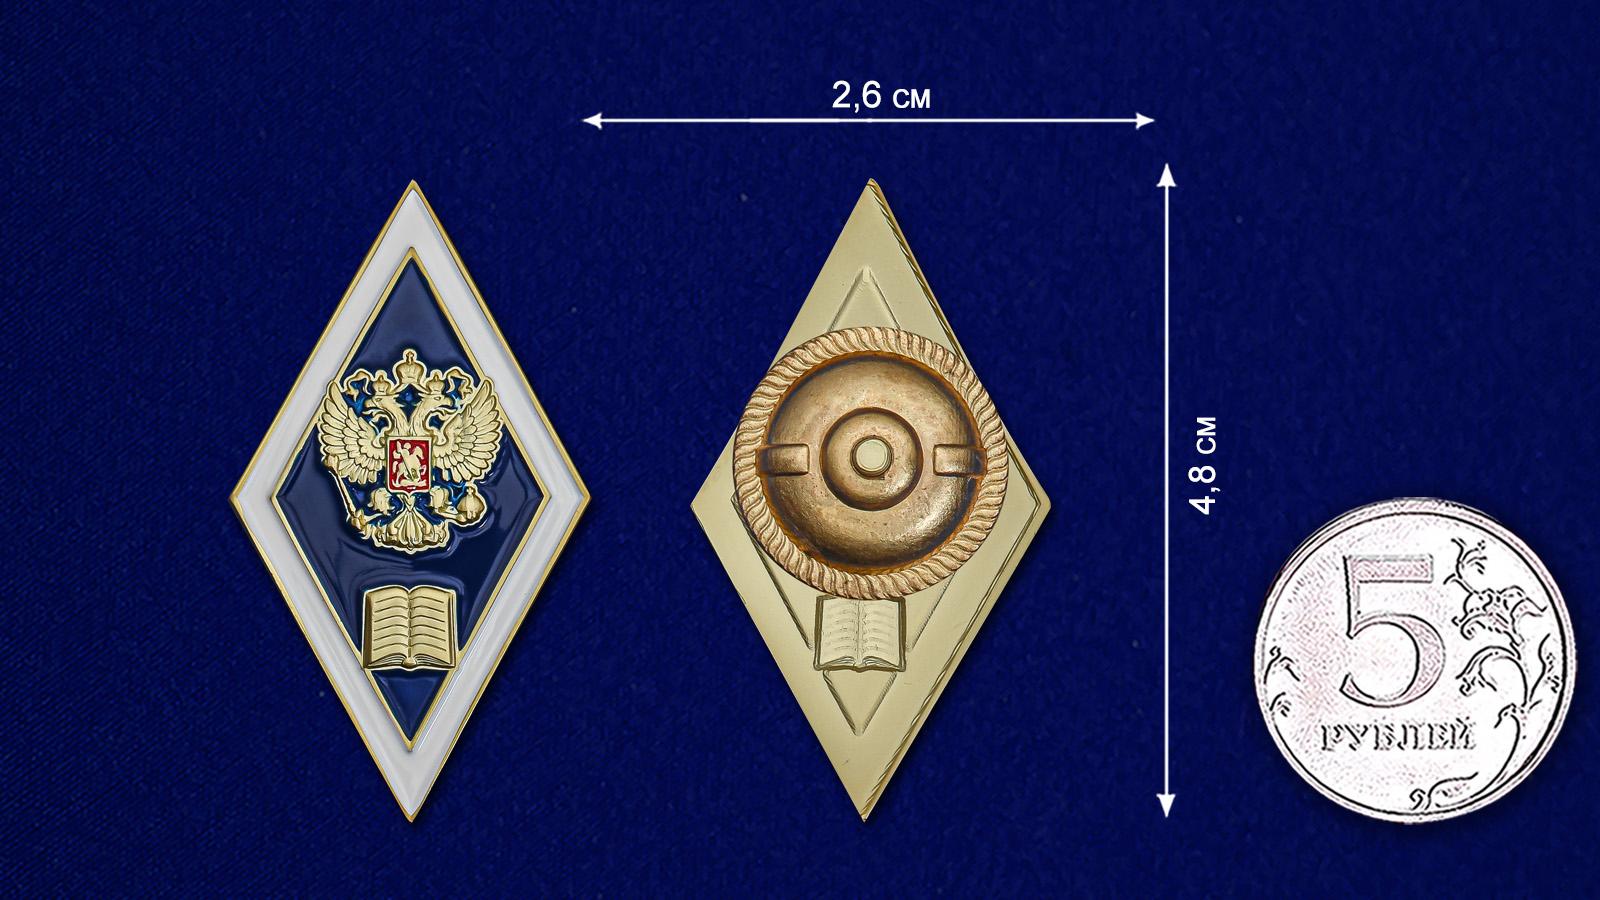 Знак Об окончании гуманитарного ВУЗа РФ - сравнительный размер